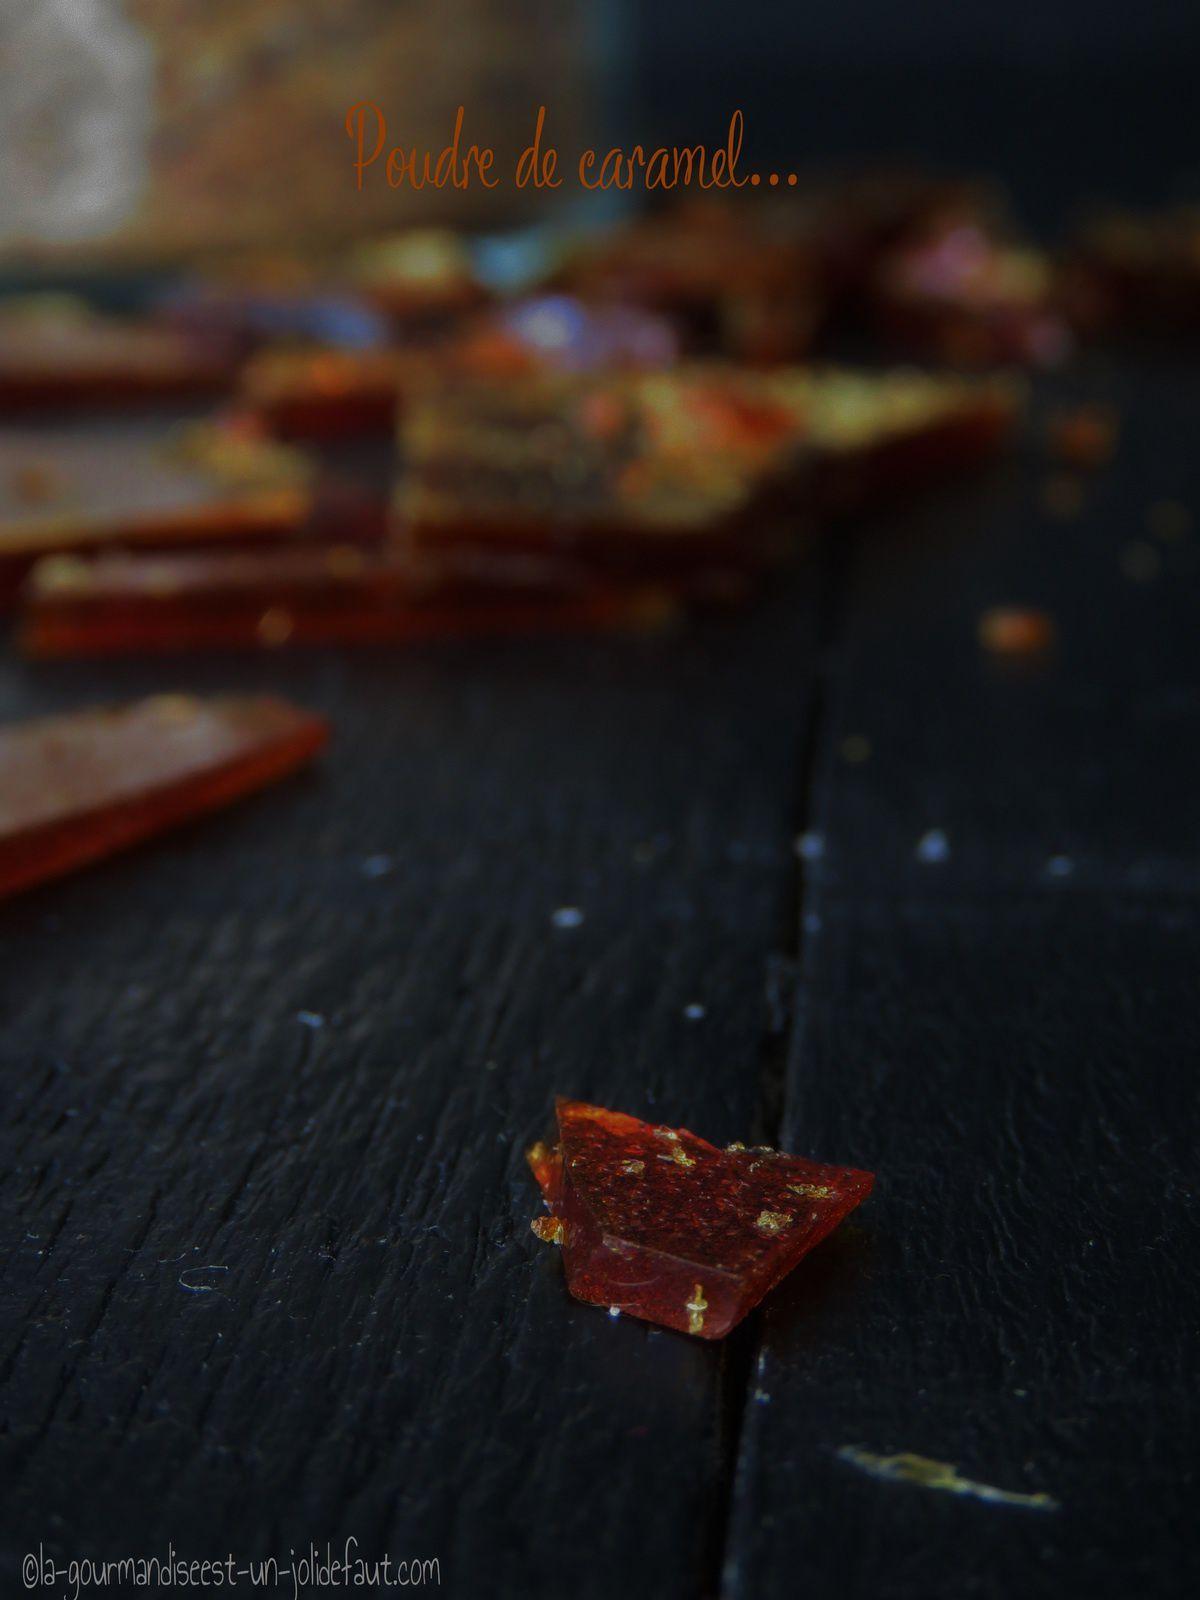 Poudre de caramel